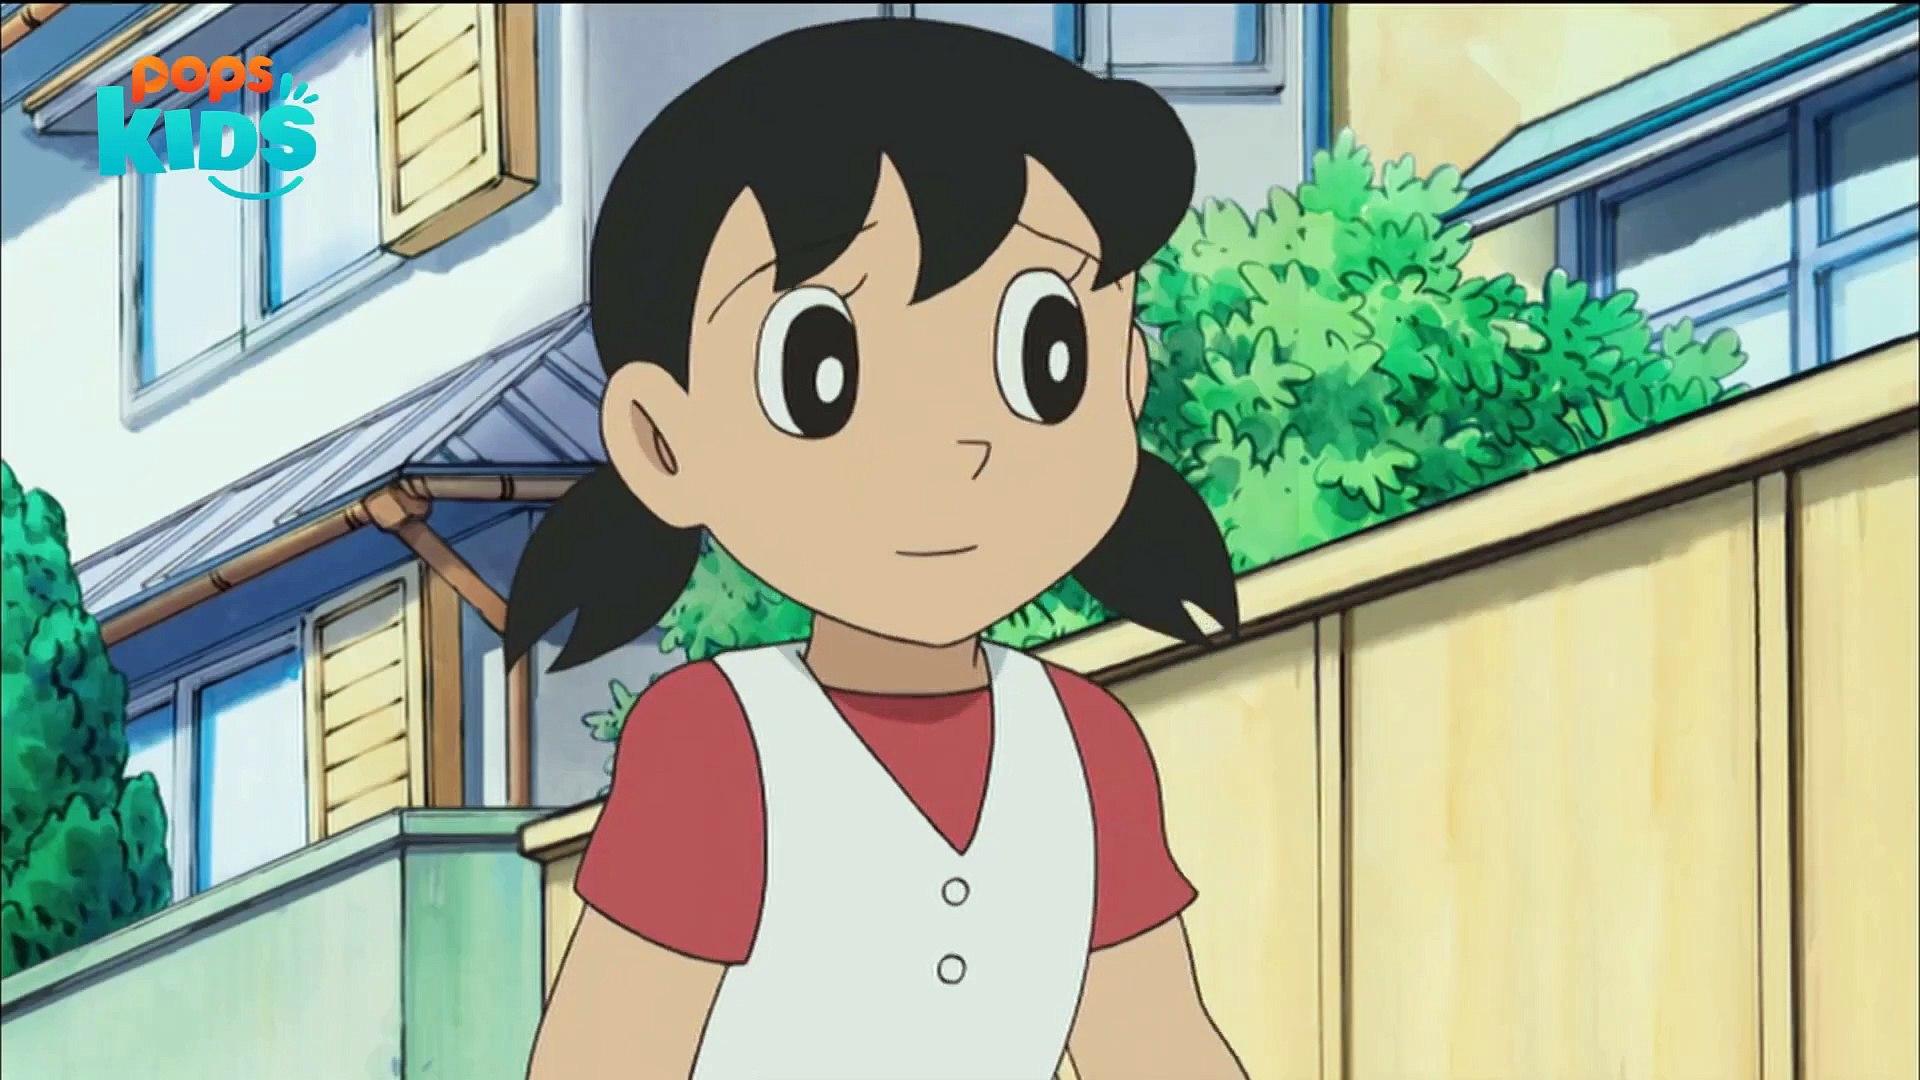 Doraemon Phần 6 - Tập 5 : Đường Chân Trời Trong Phòng Nobita & Shizuka  Trong Quả Trứng [Full Programs] - Video Dailymotion